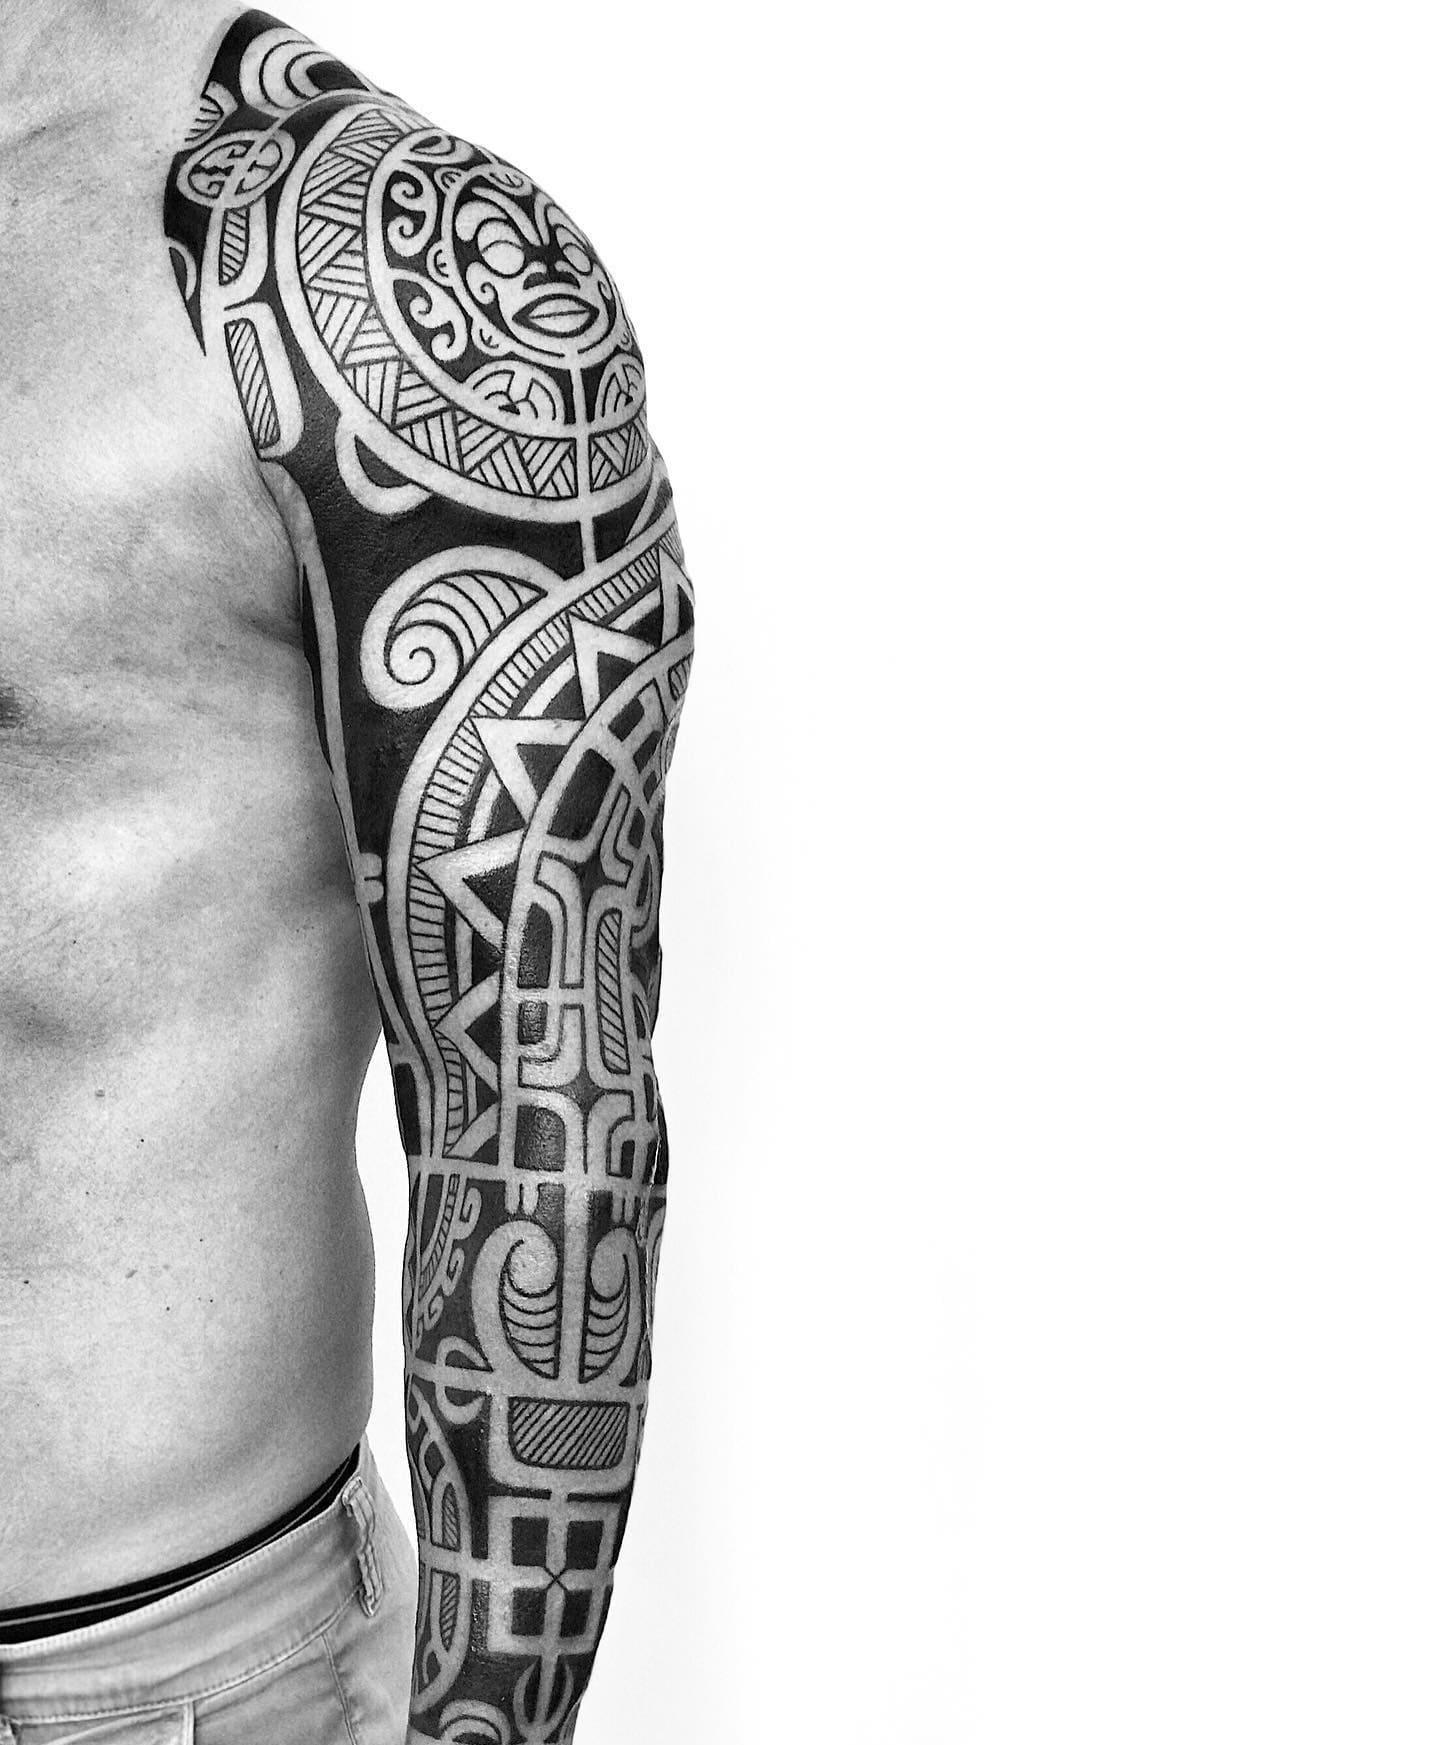 tatuaggi maori tatuaggi marchesiani